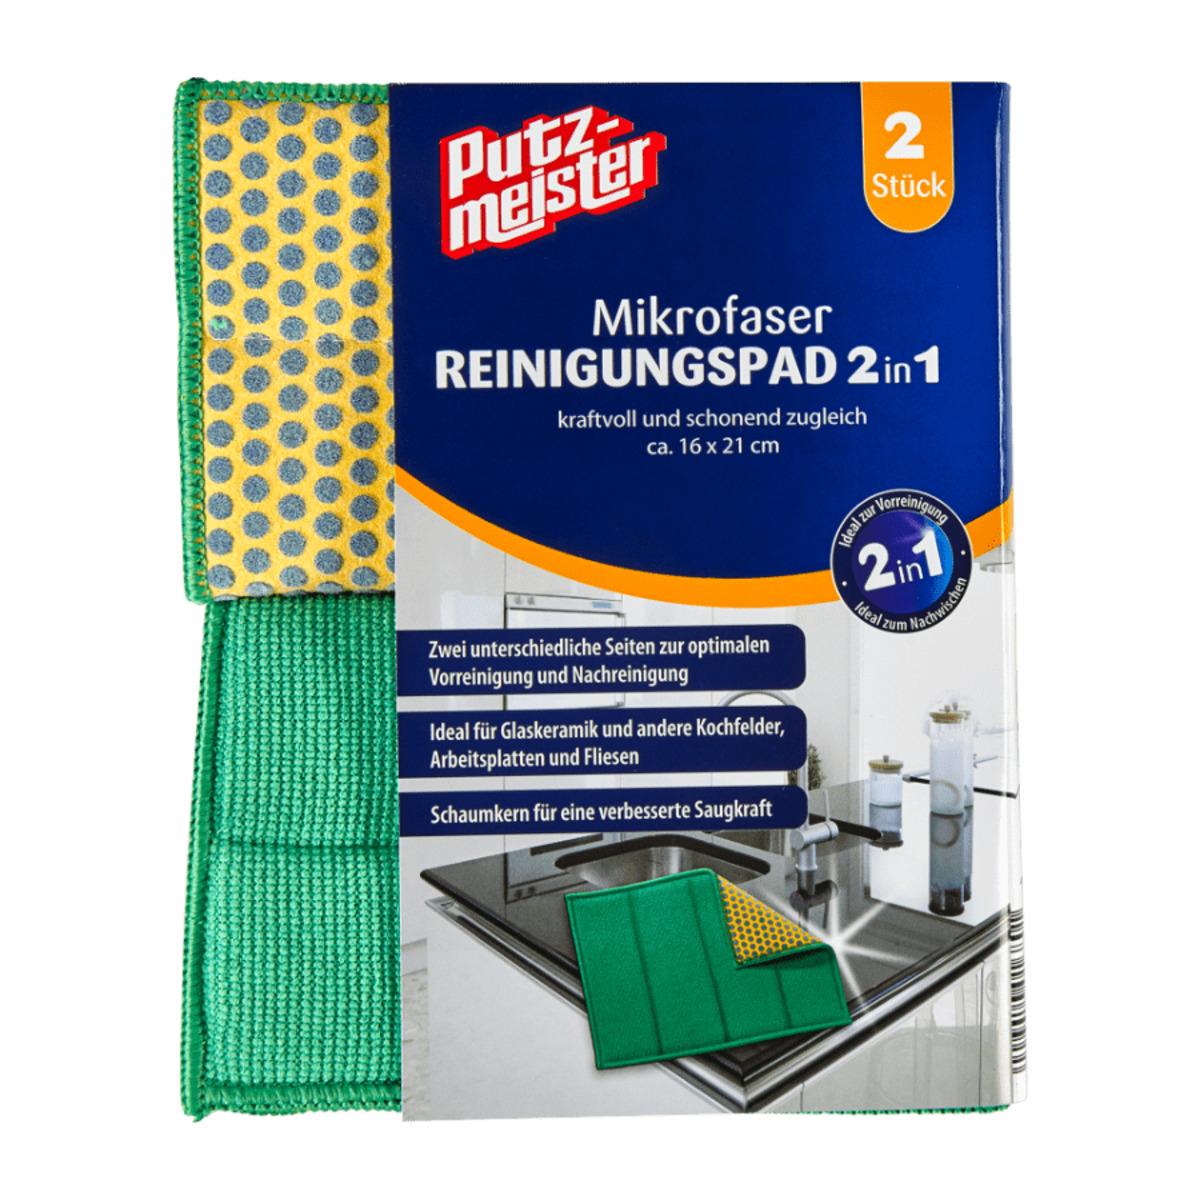 Bild 2 von PUTZMEISTER     Reinigungspads 2in1 / Fugenschwämme 3in1